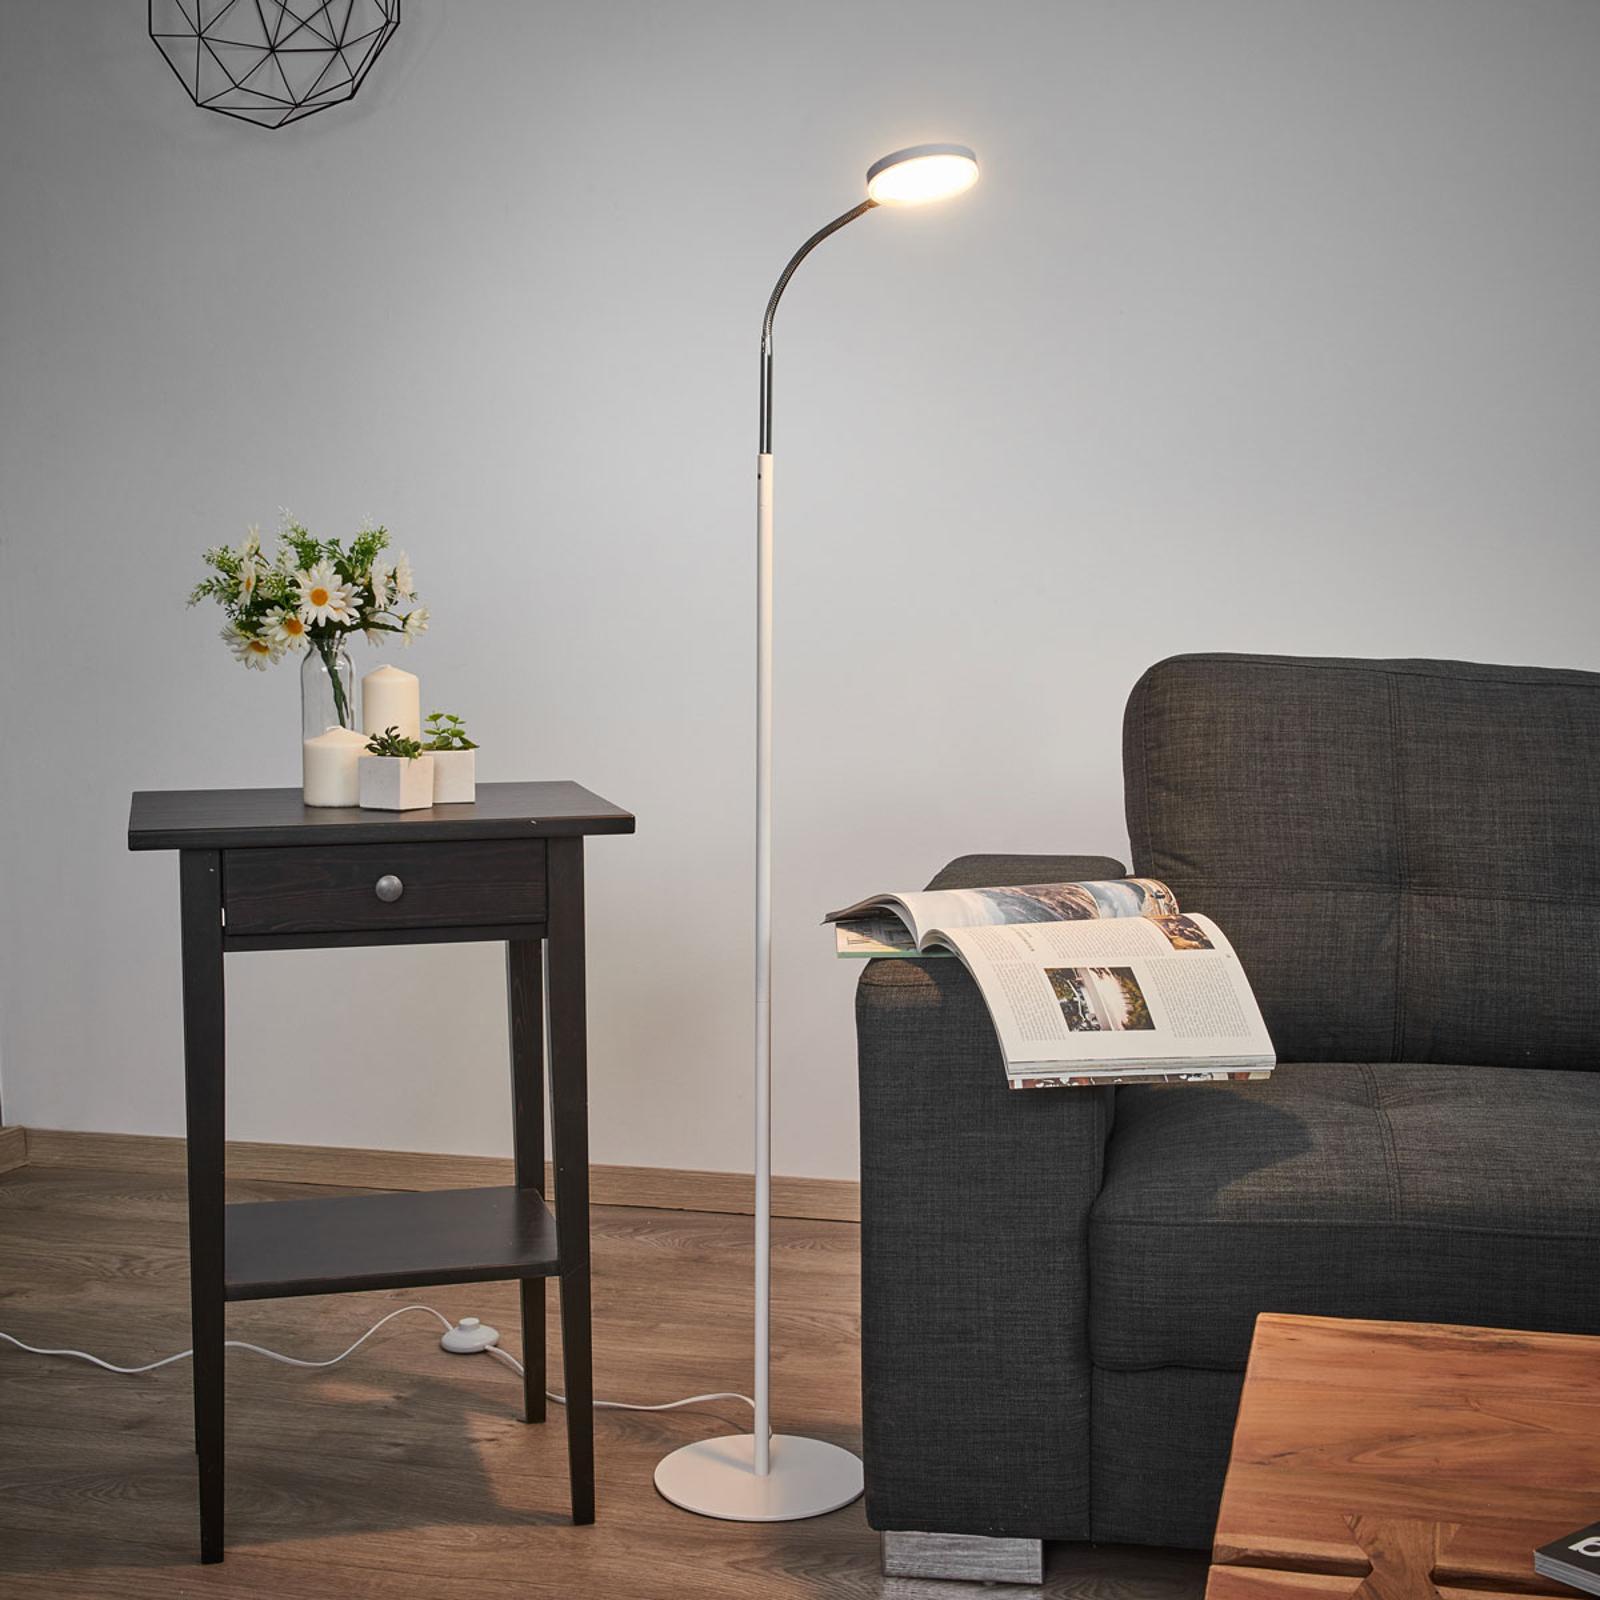 Milow - LED-Stehlampe mit Schwanenhals